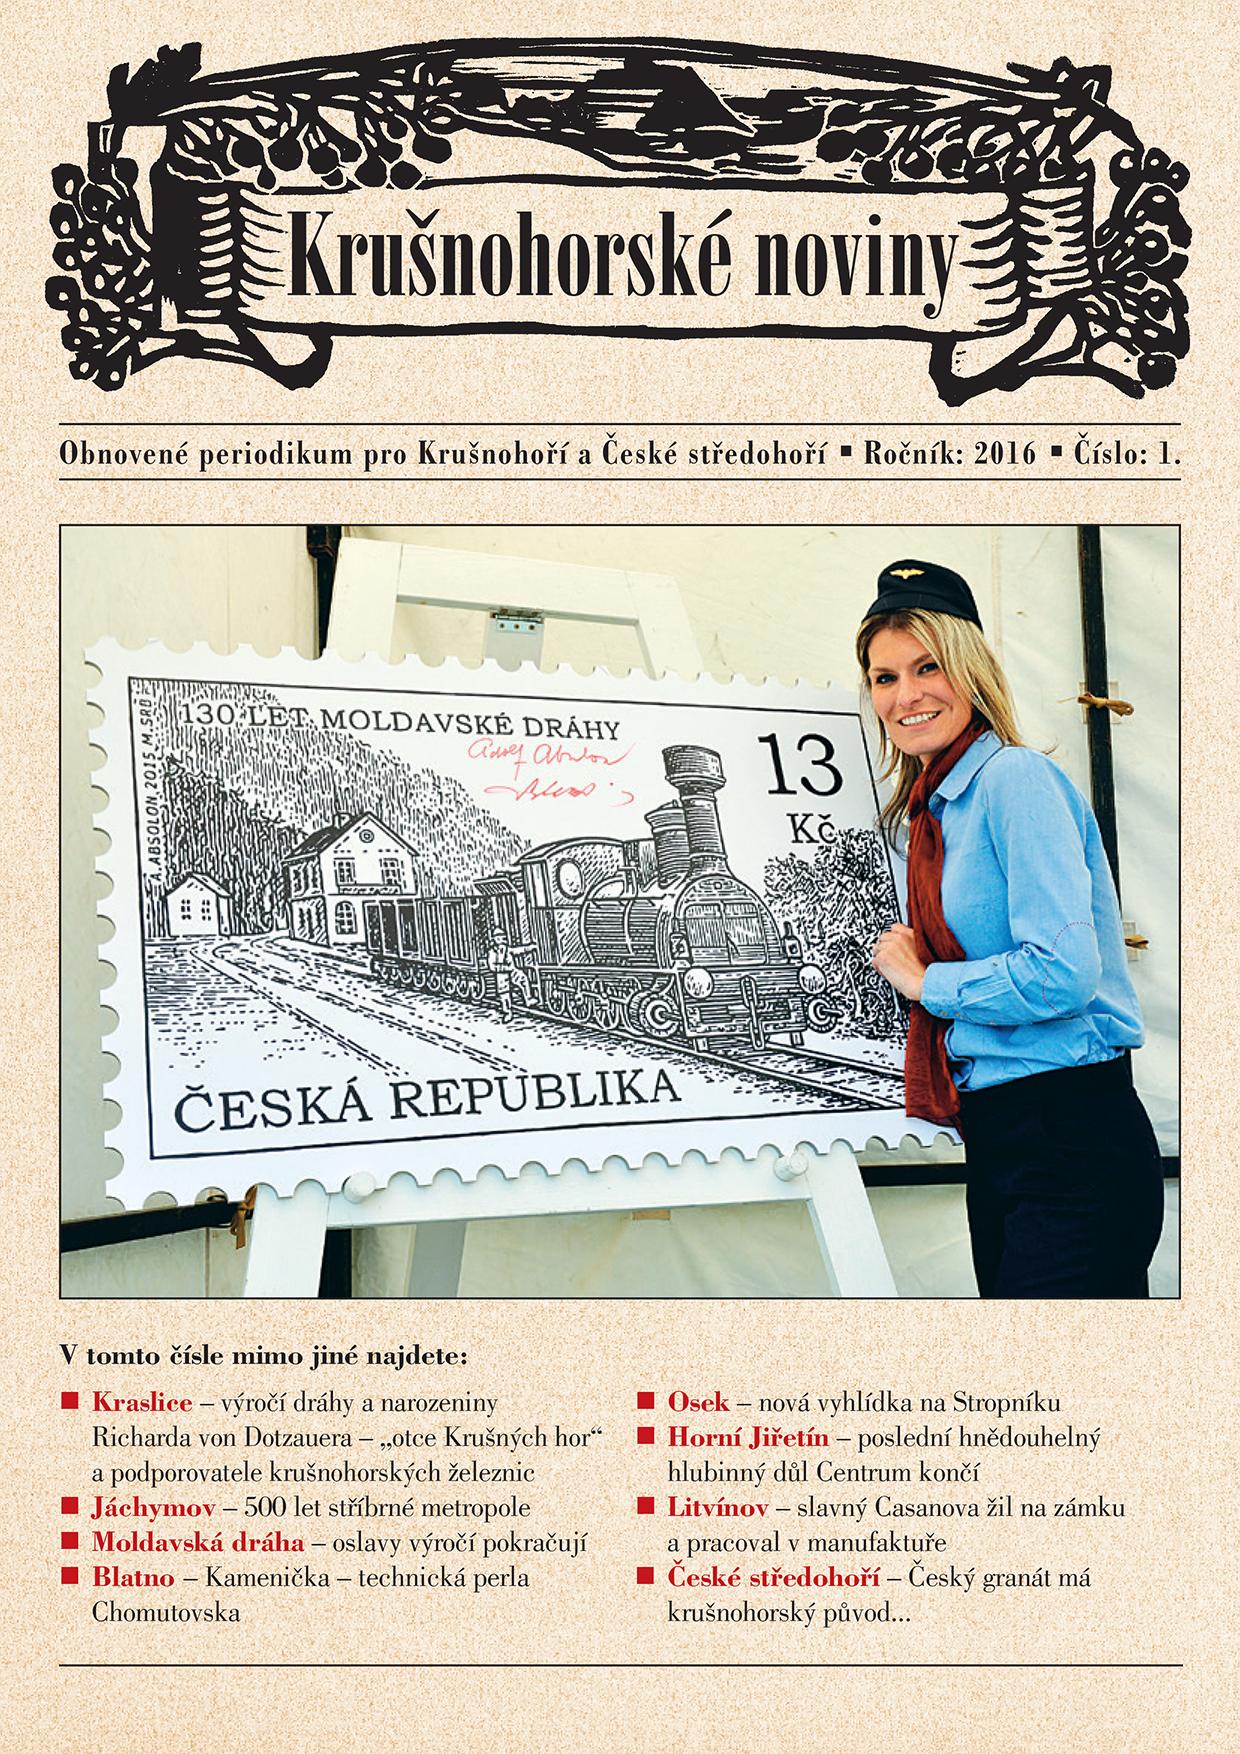 Krušnohorské noviny 01/2016